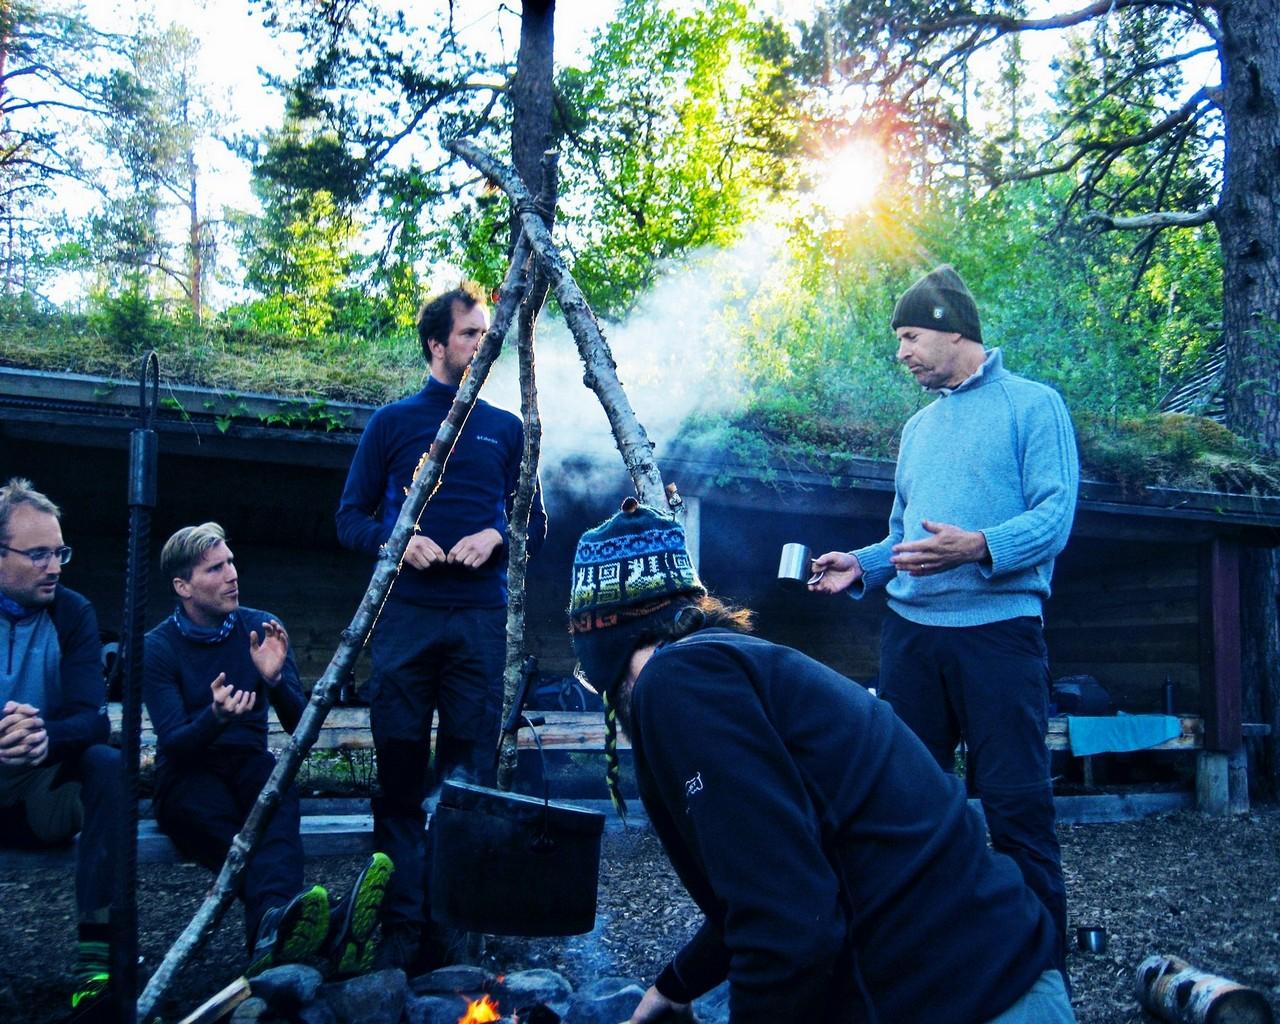 Deelnemers delen verhalen en ervaringen rond het kampvuur